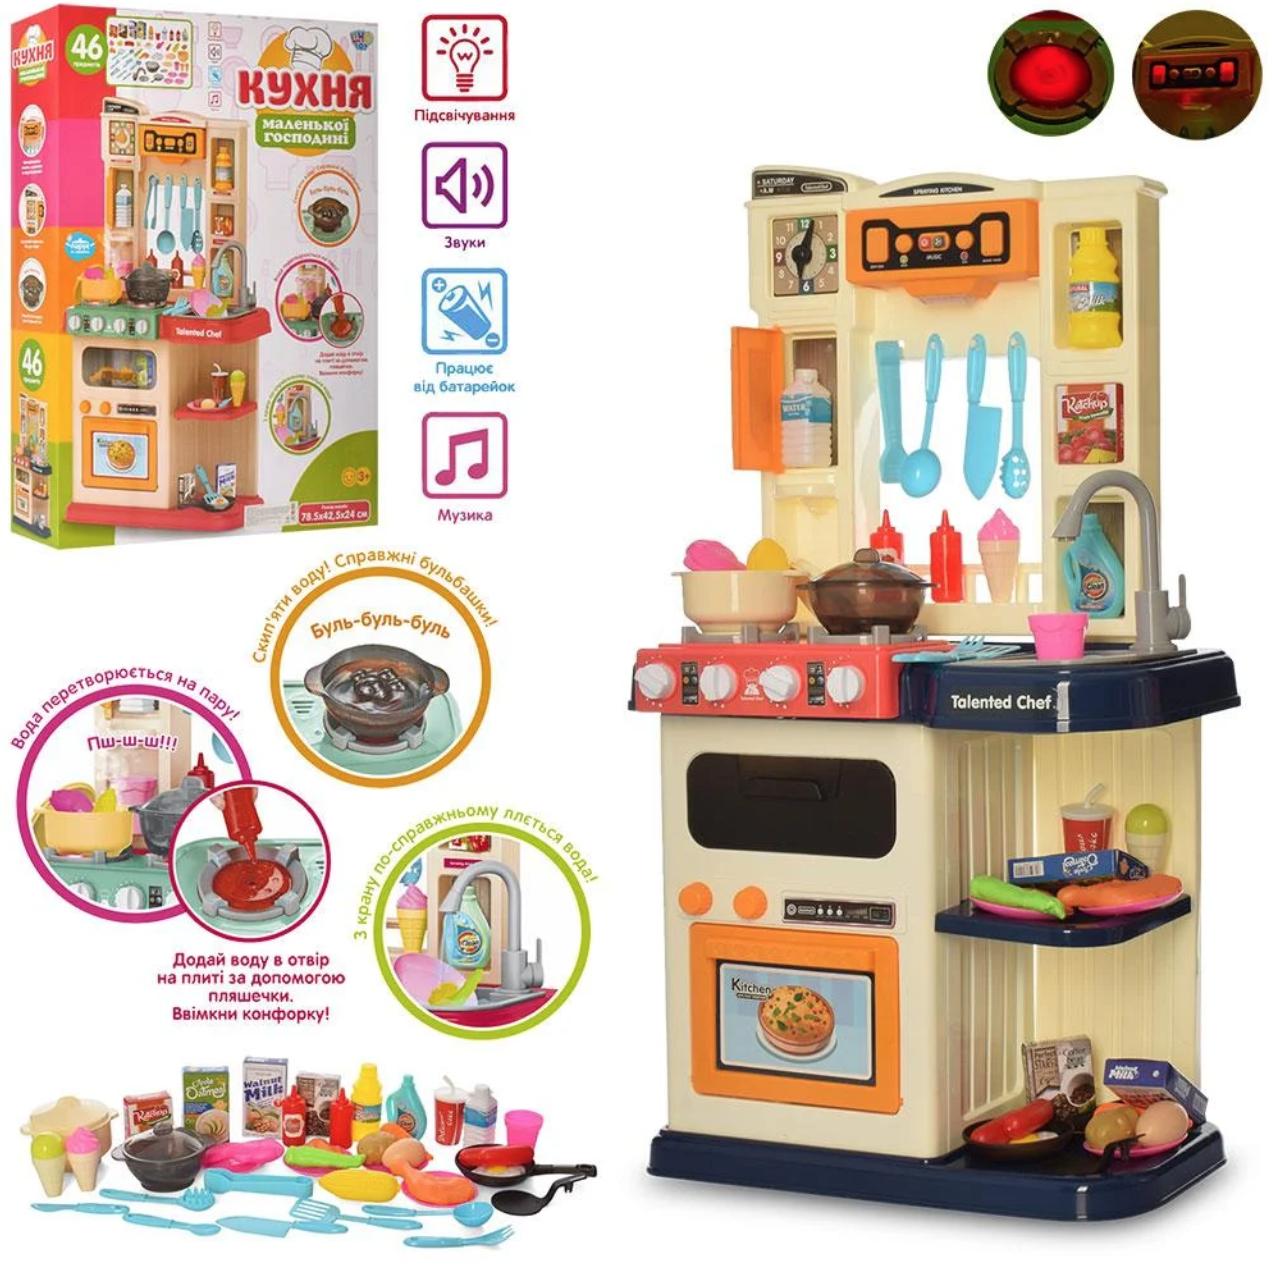 Детская игровая кухня 922-116